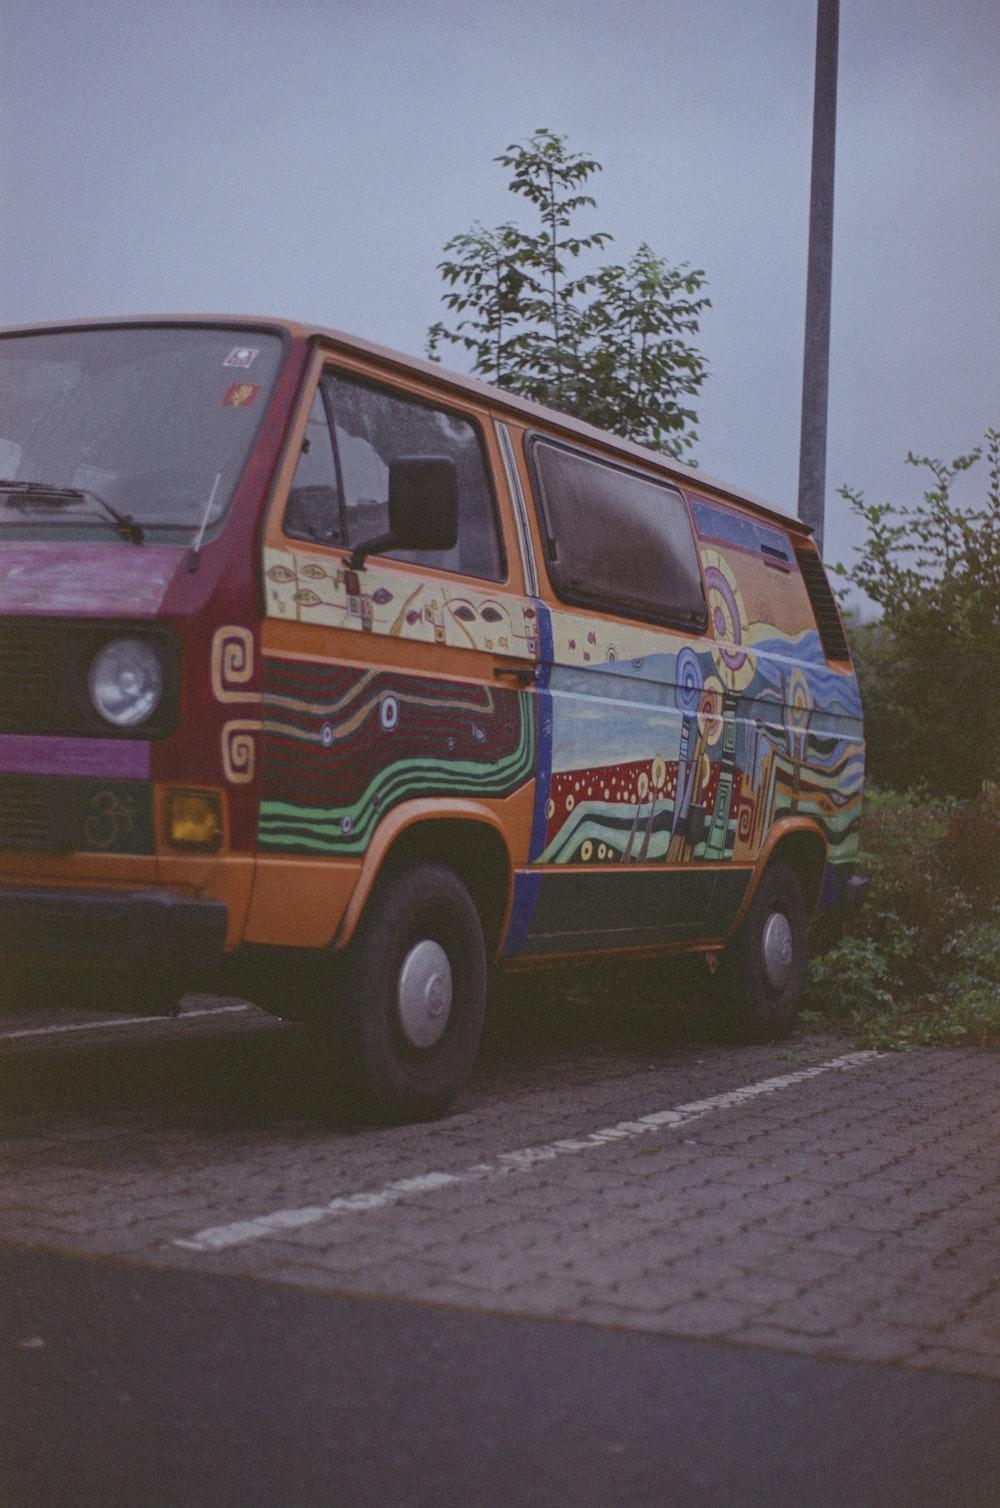 orange and blue van on road